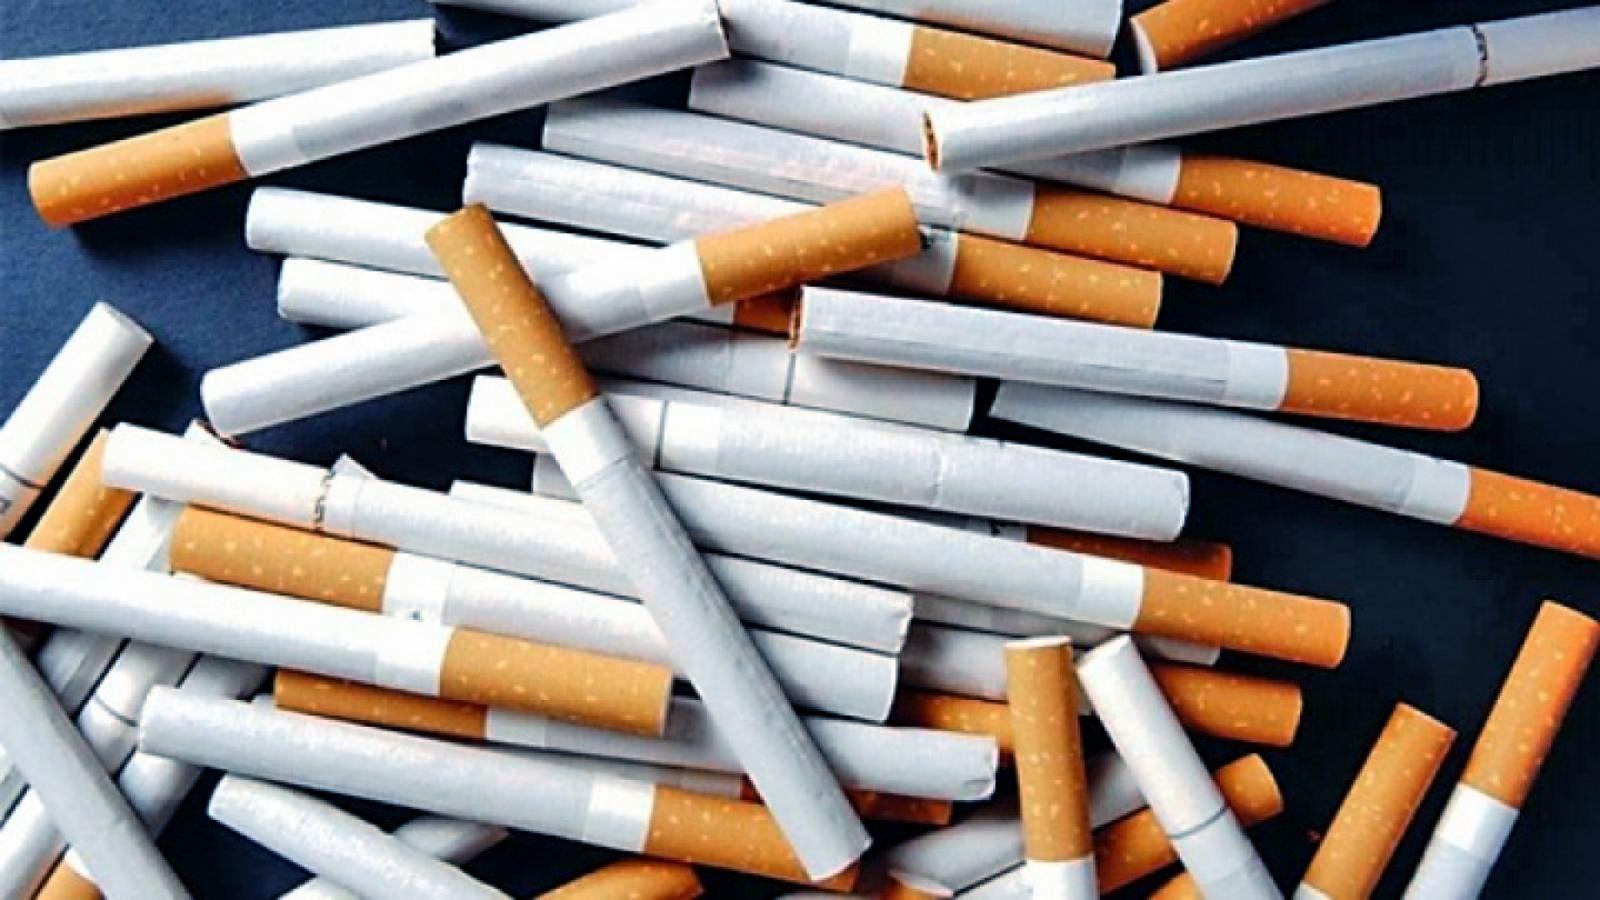 Постановление по правилам торговли табачных изделий купить электронные сигареты мист